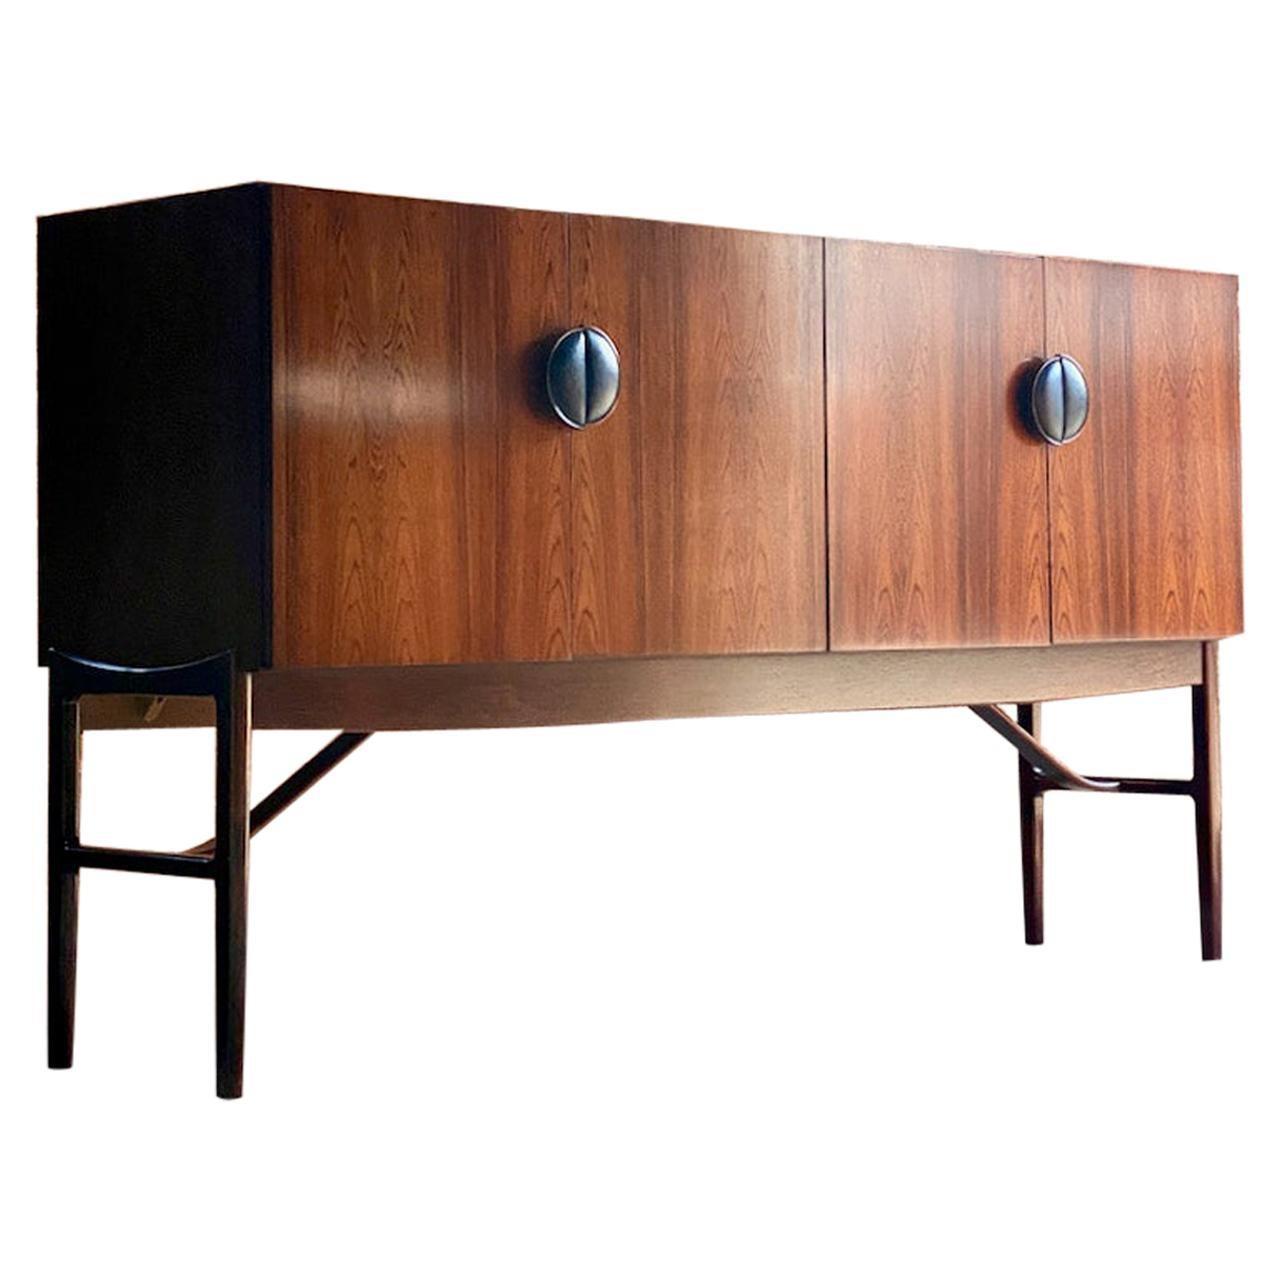 Ib Kofod Larsen Model 4060 Rio Rosewood Sideboard, Circa 1964